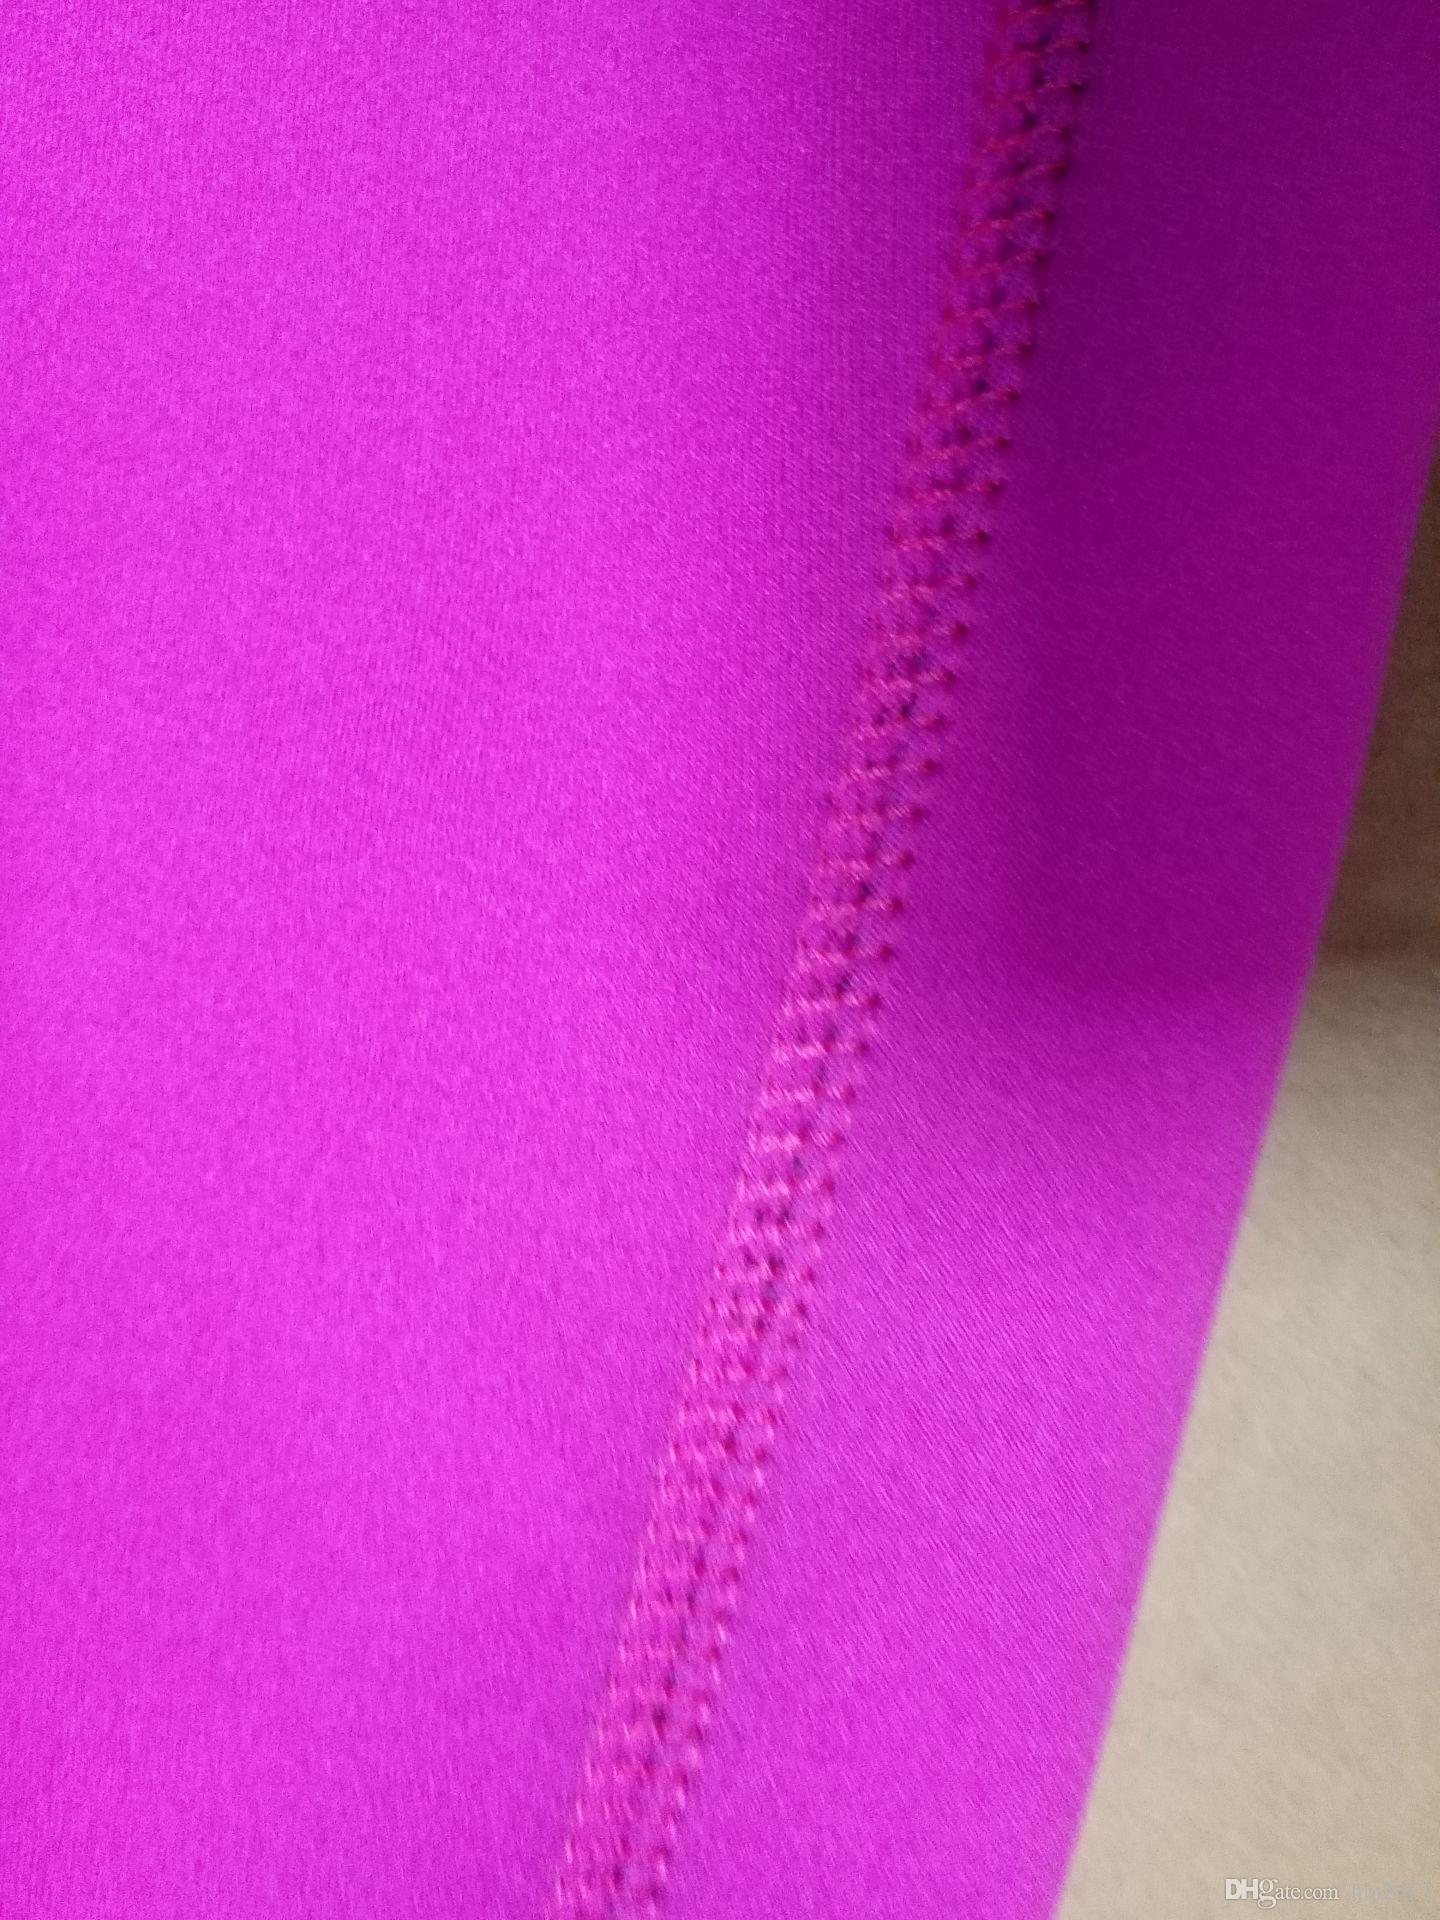 여성 허리 트레이너 코르셋 뜨거운 몸 셰이퍼 강철 뼈 허리 Cincher 컨트롤 Shapers 슬리밍 벨트 플러스 크기 Shapwear 속옷